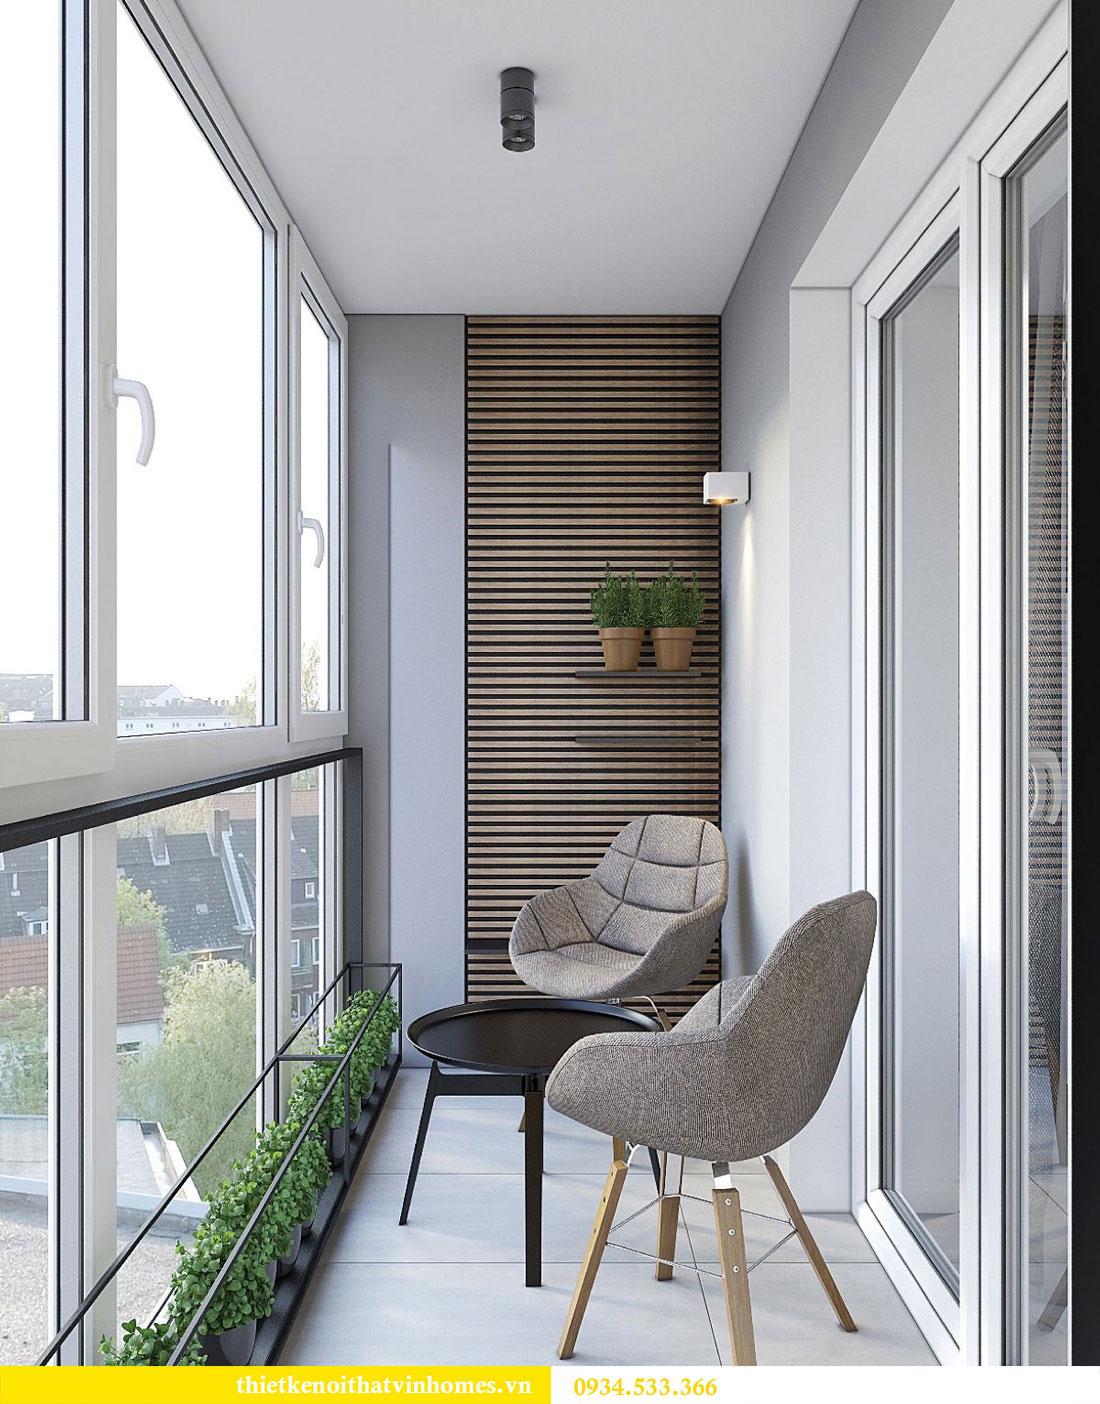 Thiết kế nội thất biệt thự Vinhomes Thăng Long 19